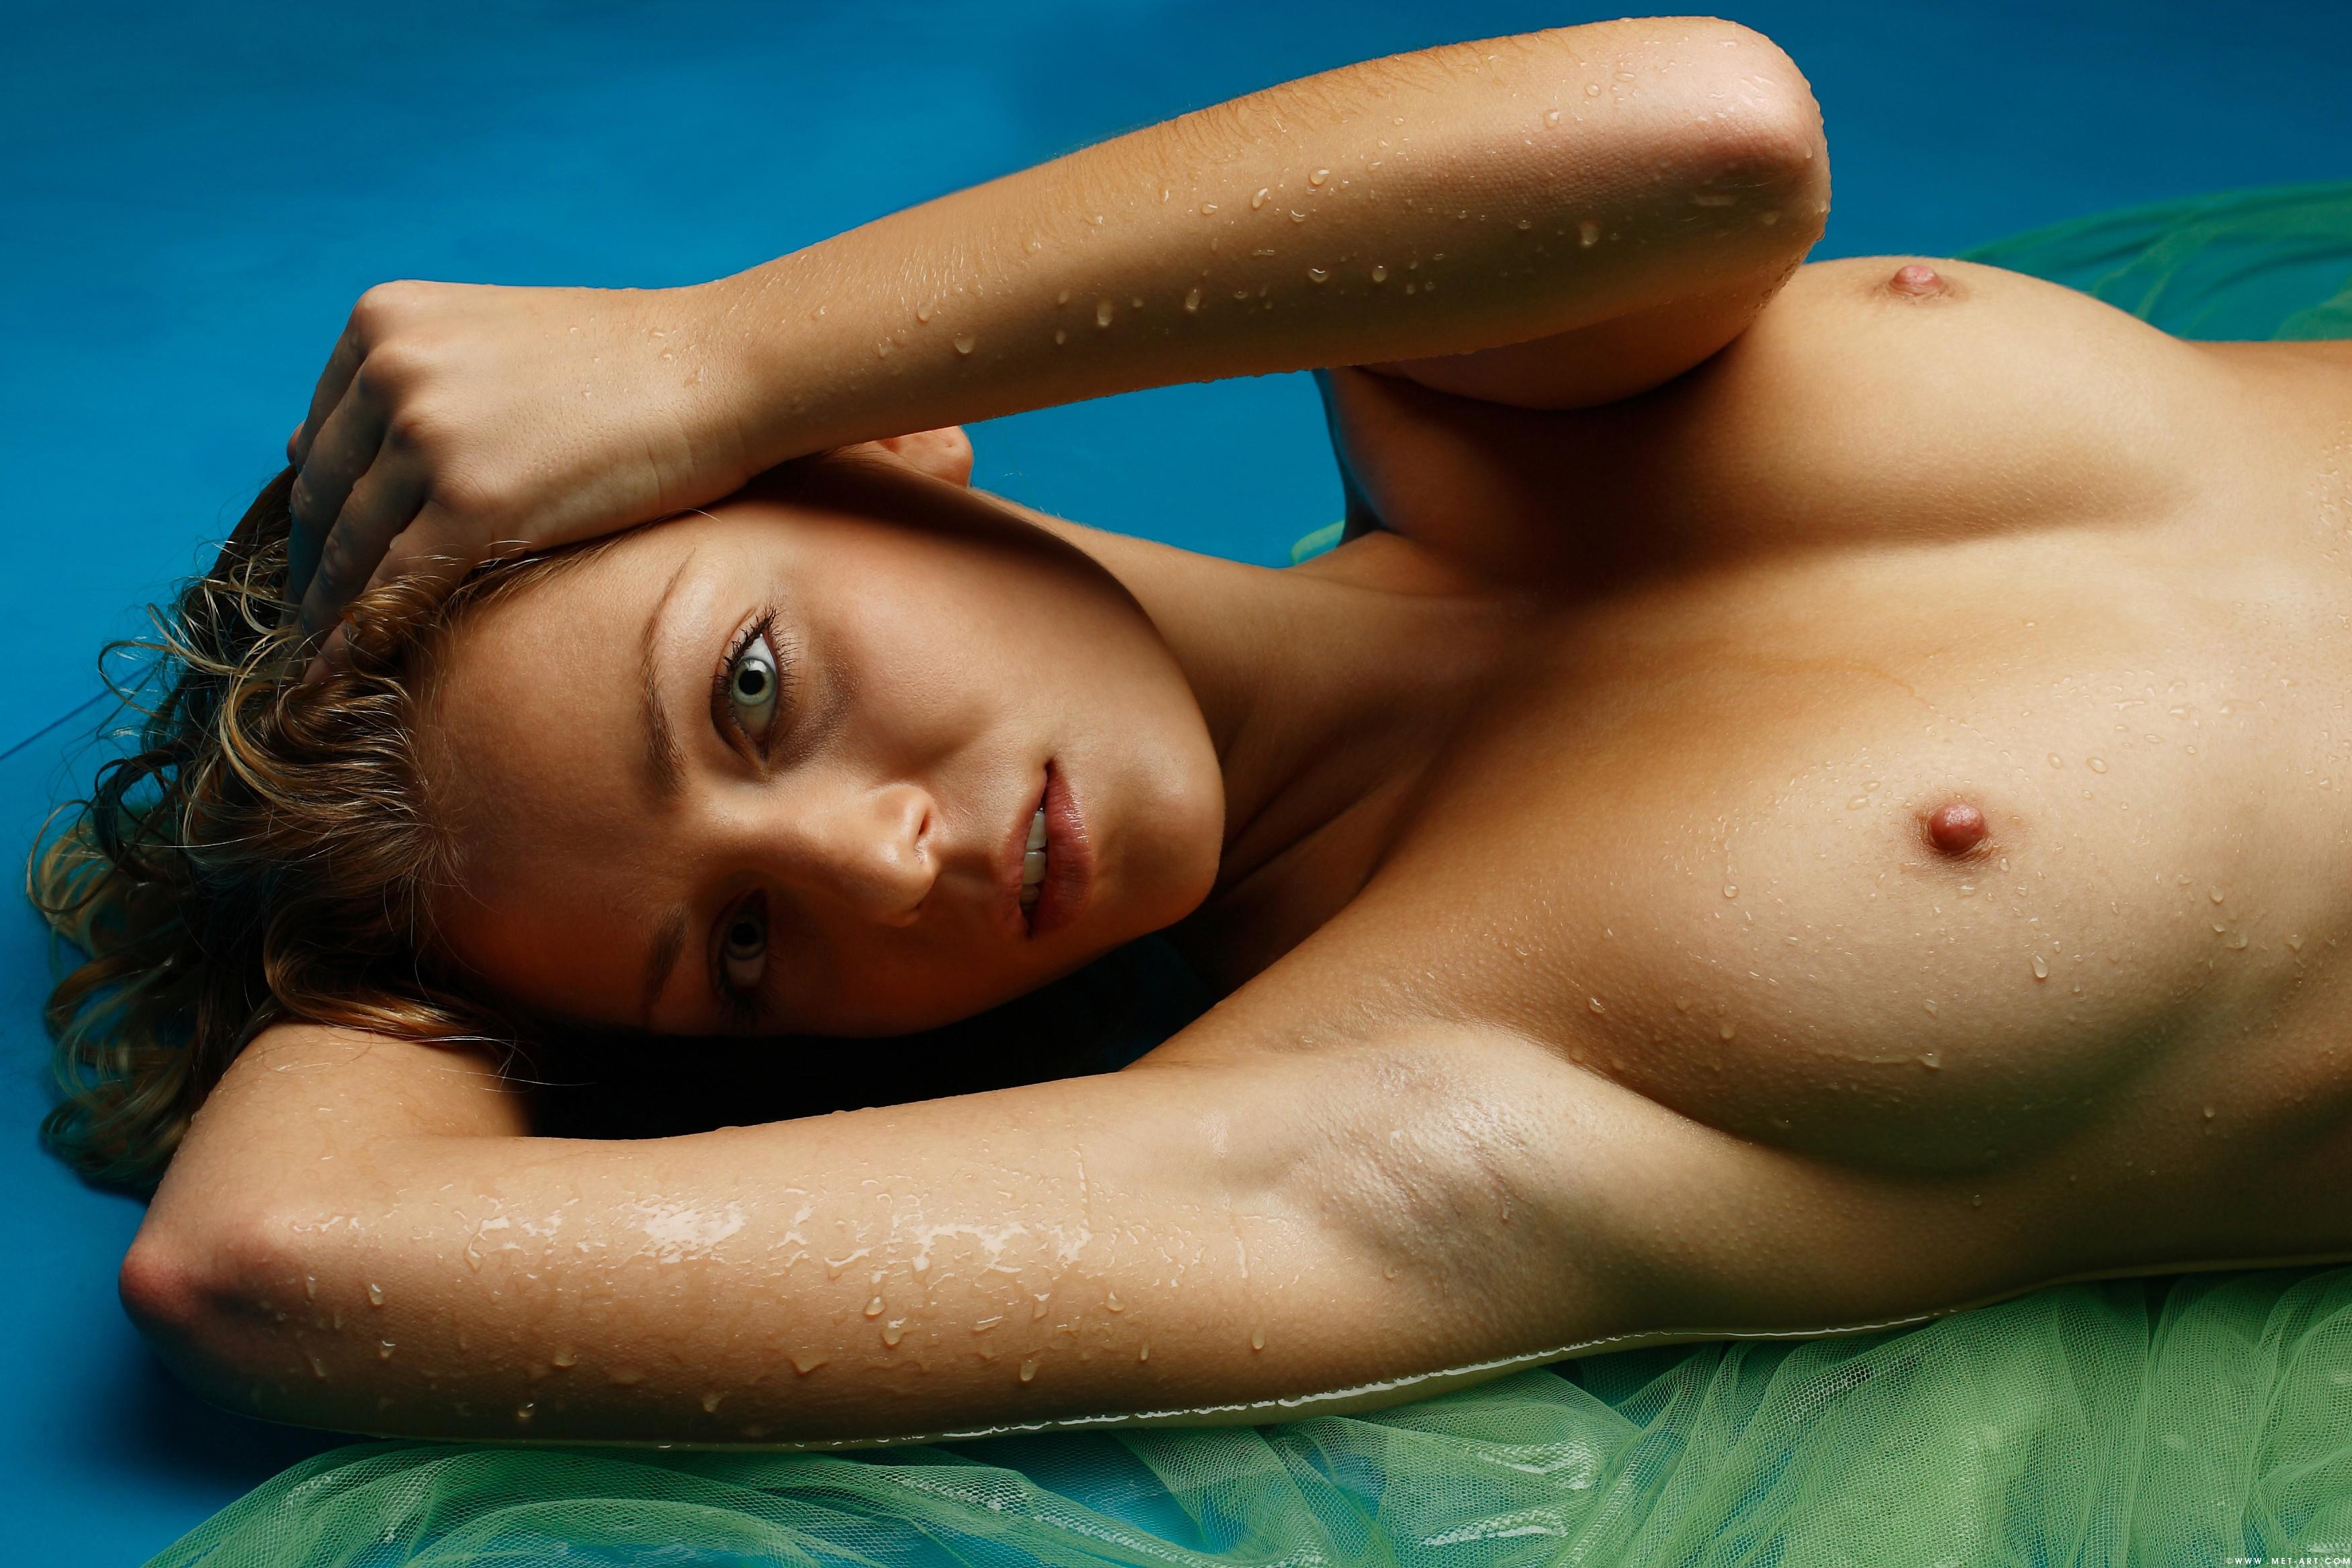 Смотреть фото голых дев, Голые девушки - фото красивых девушек смотреть 12 фотография